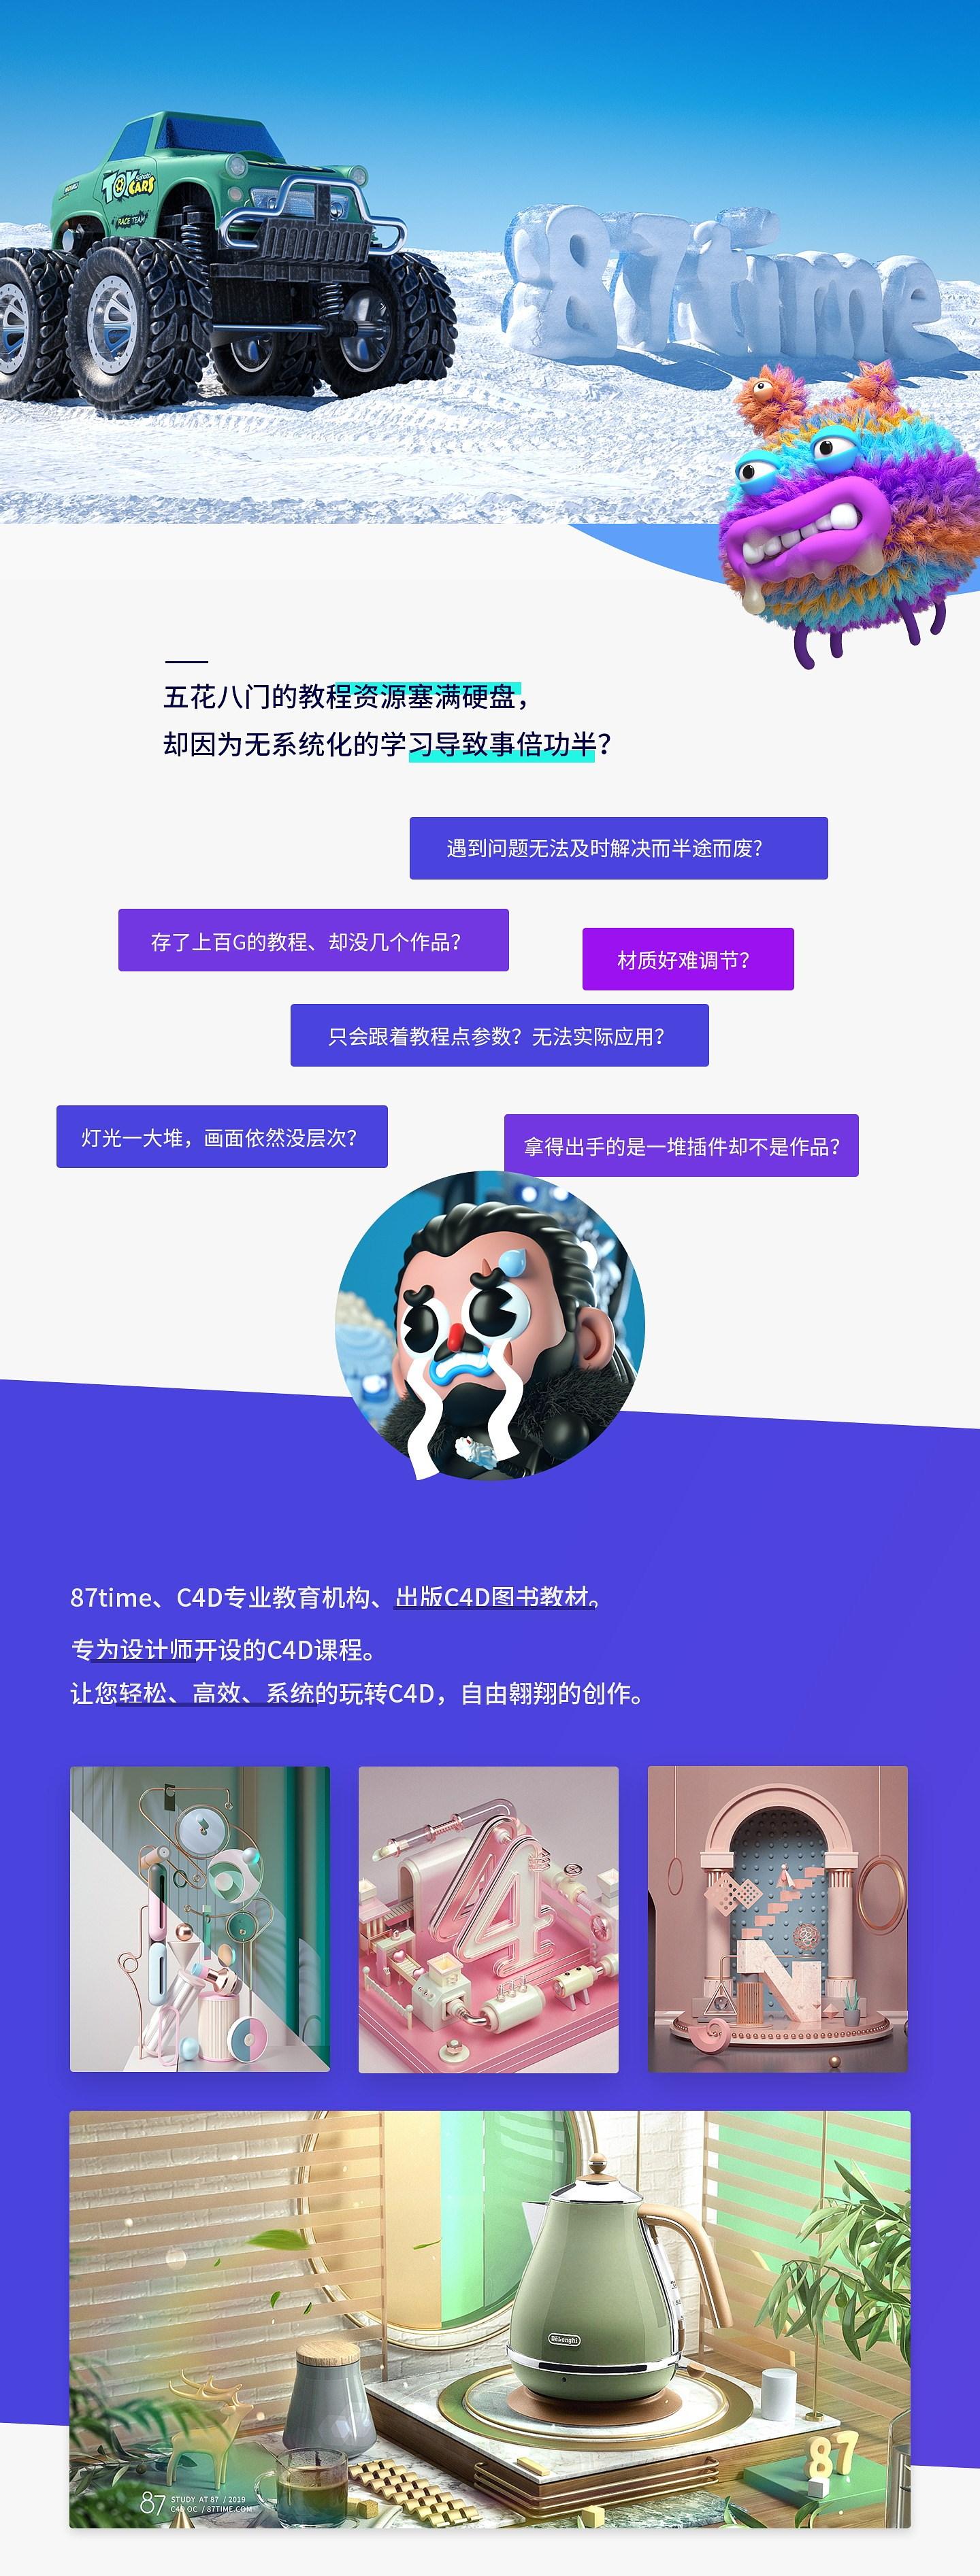 a01_看图王.jpg